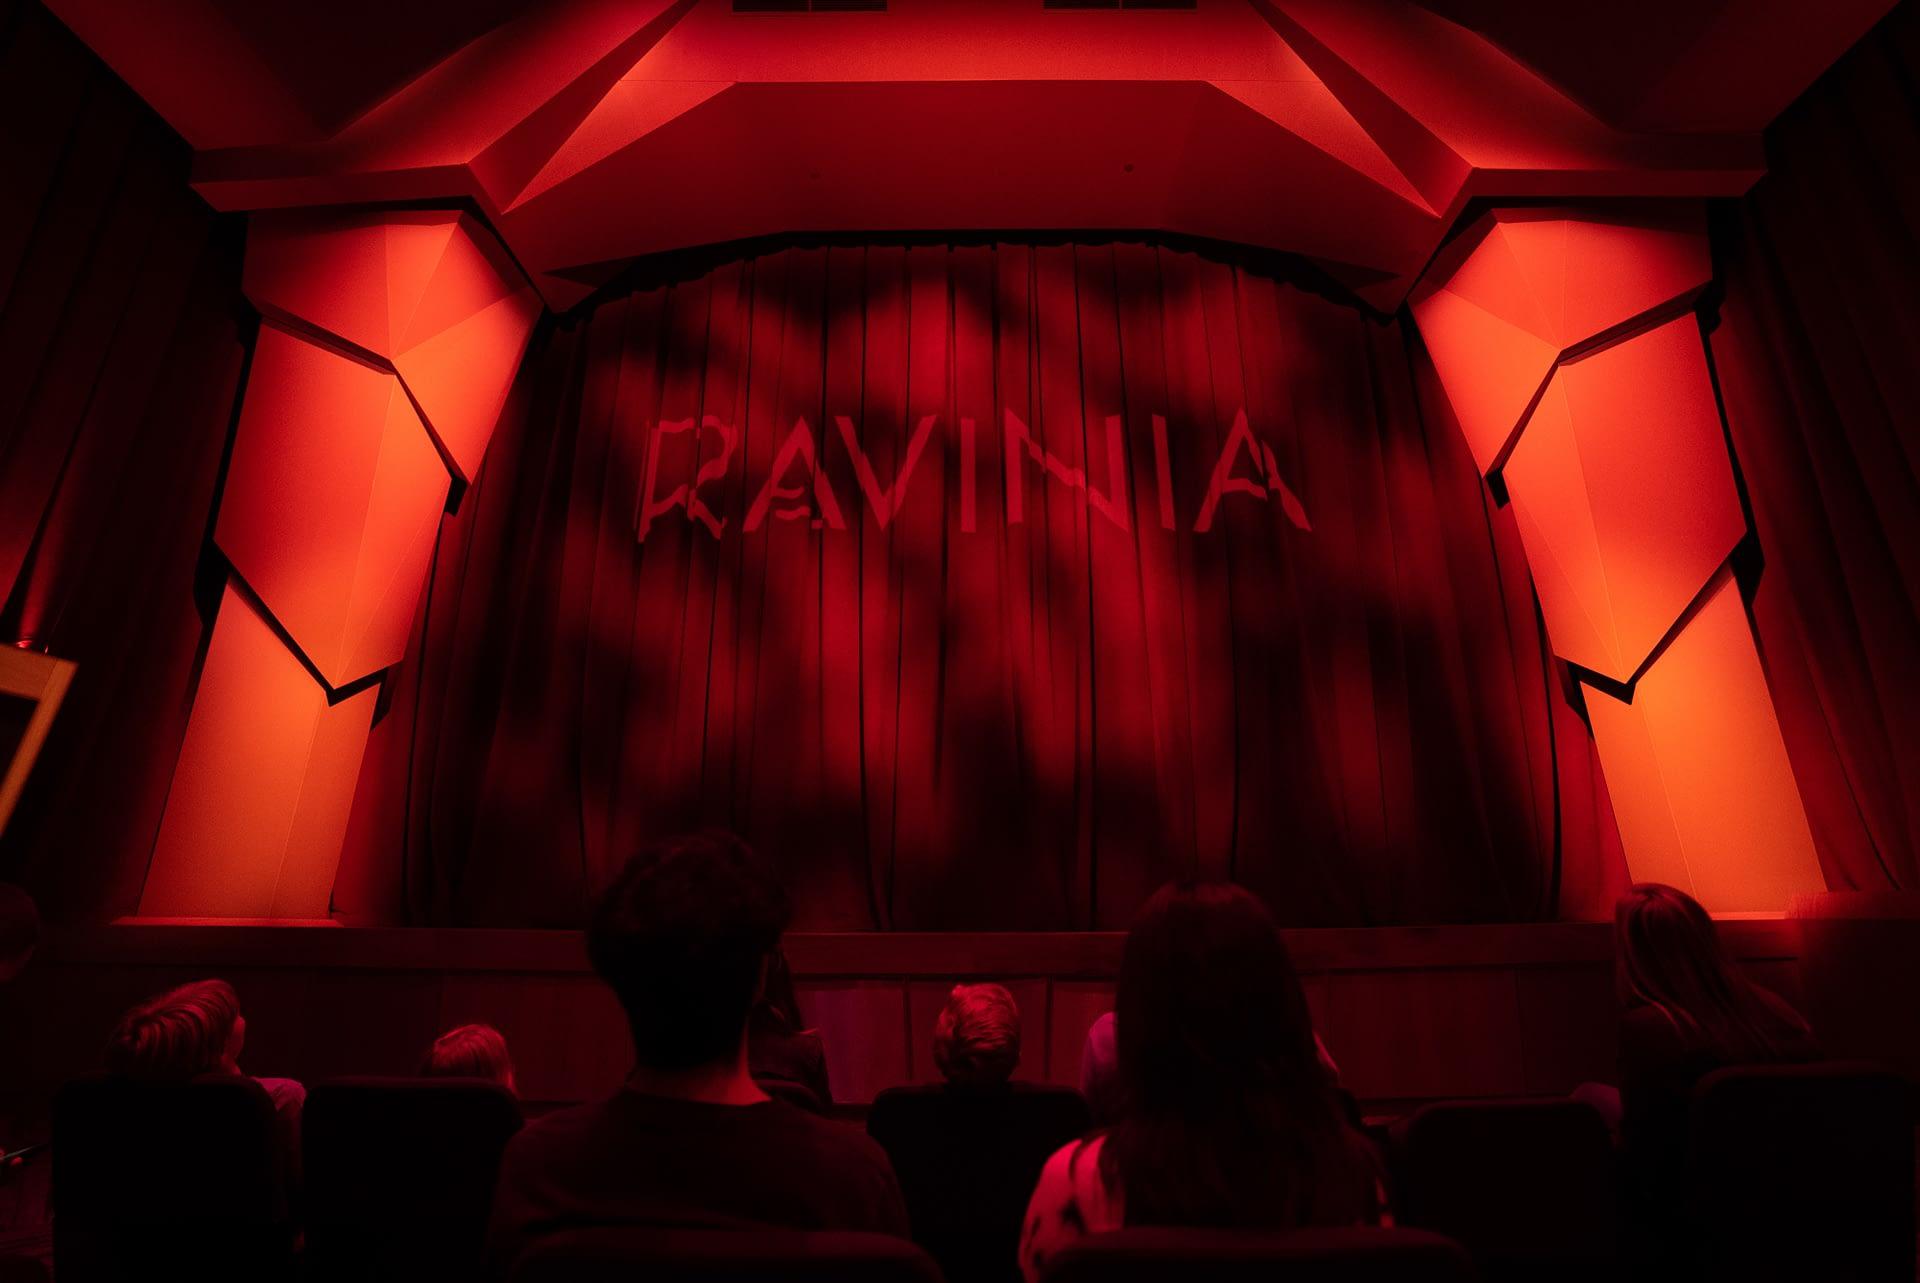 Ravinia Music Box Experience